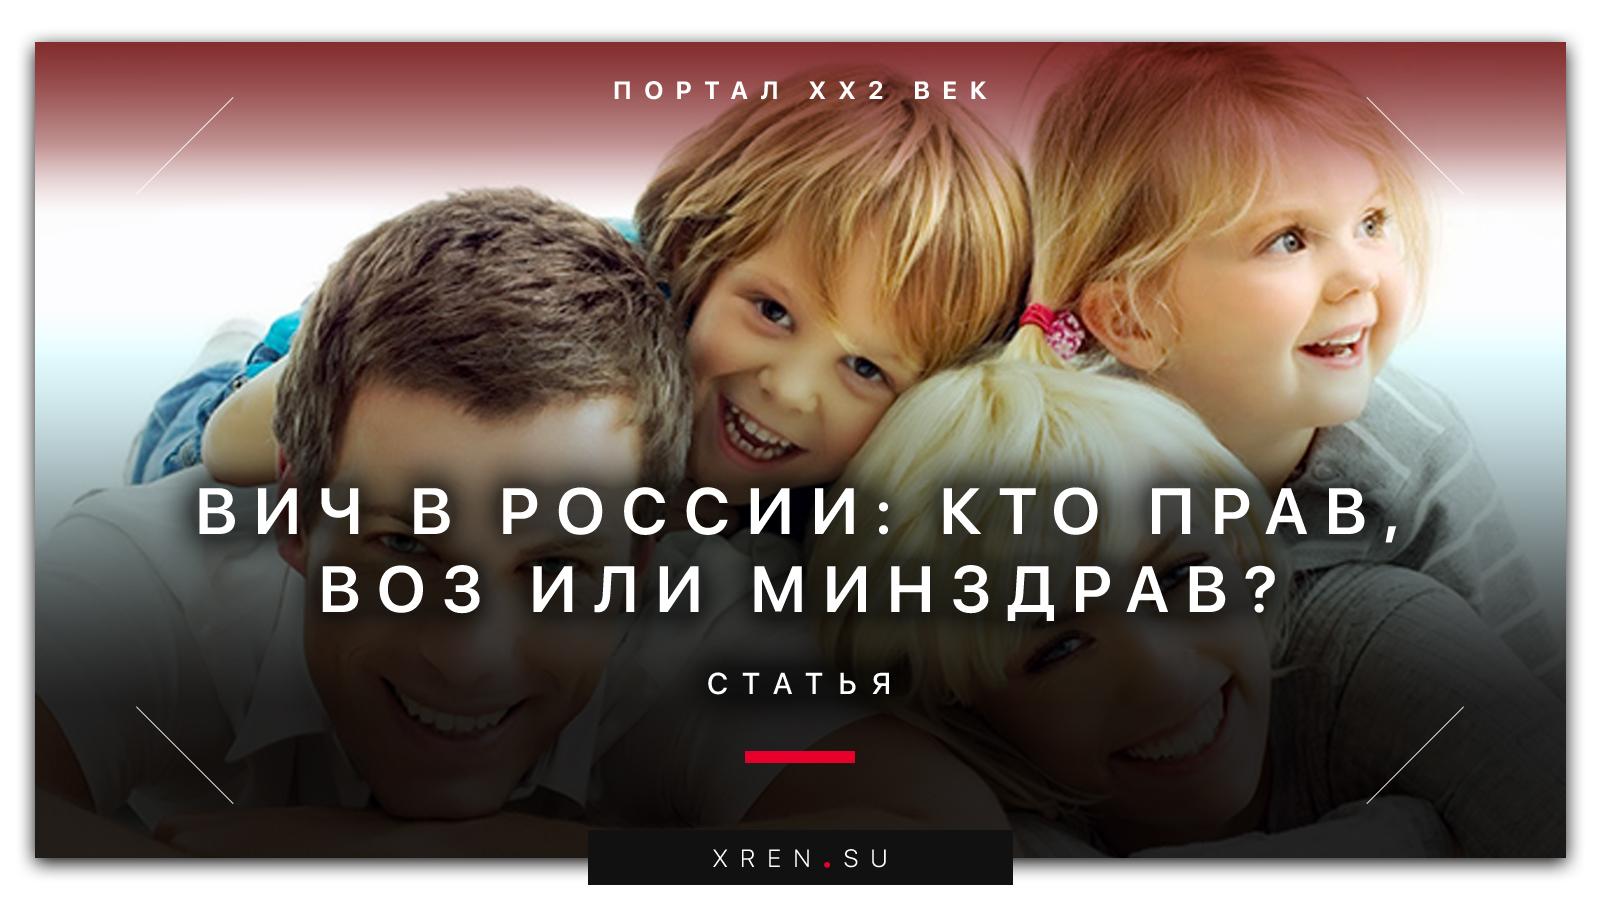 ВИЧ в России: кто прав, ВОЗ или Минздрав?